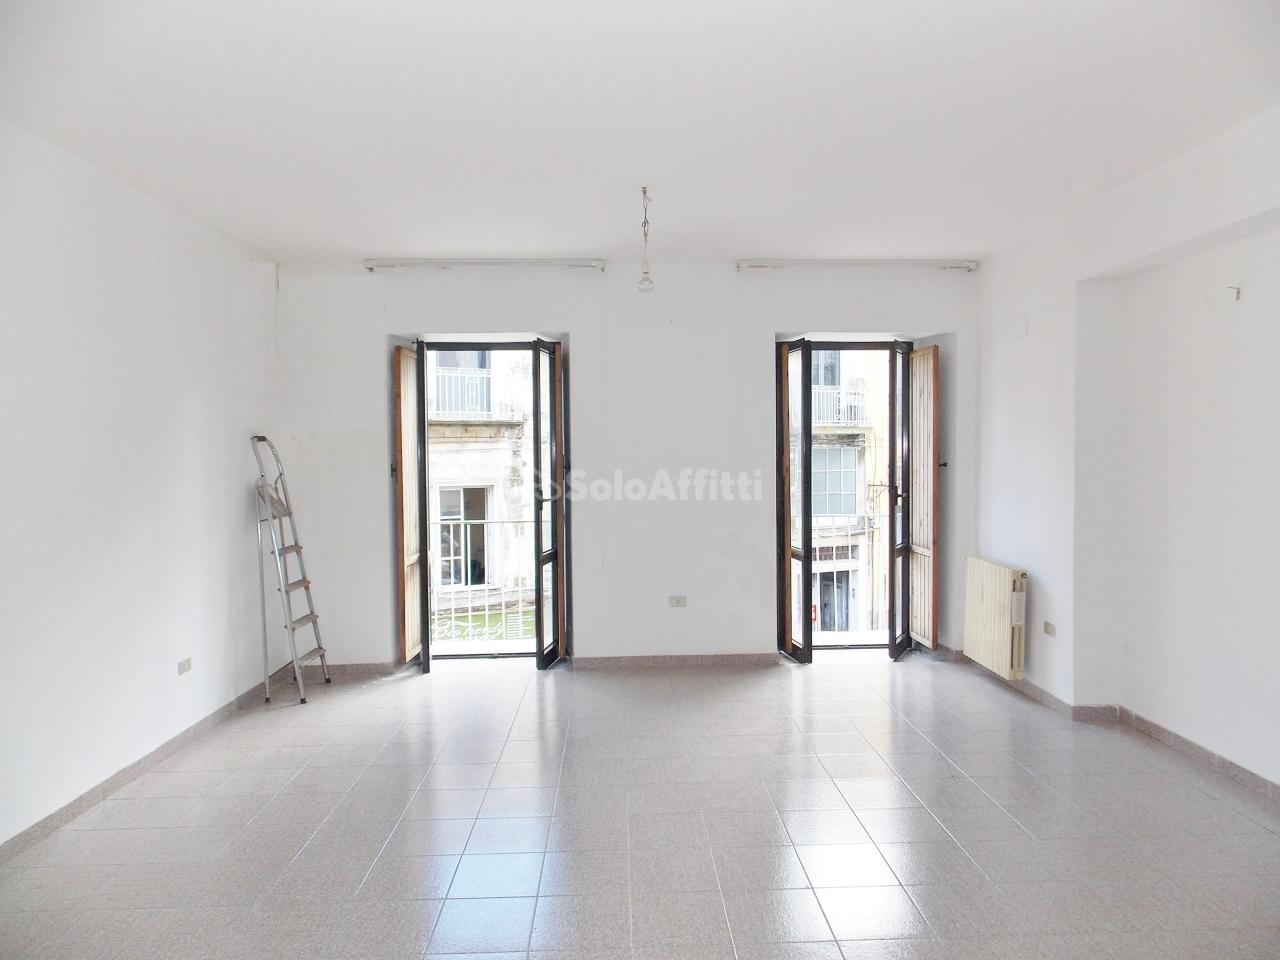 Ufficio - oltre 4 locali a Centro storico, Catanzaro Rif. 4133802